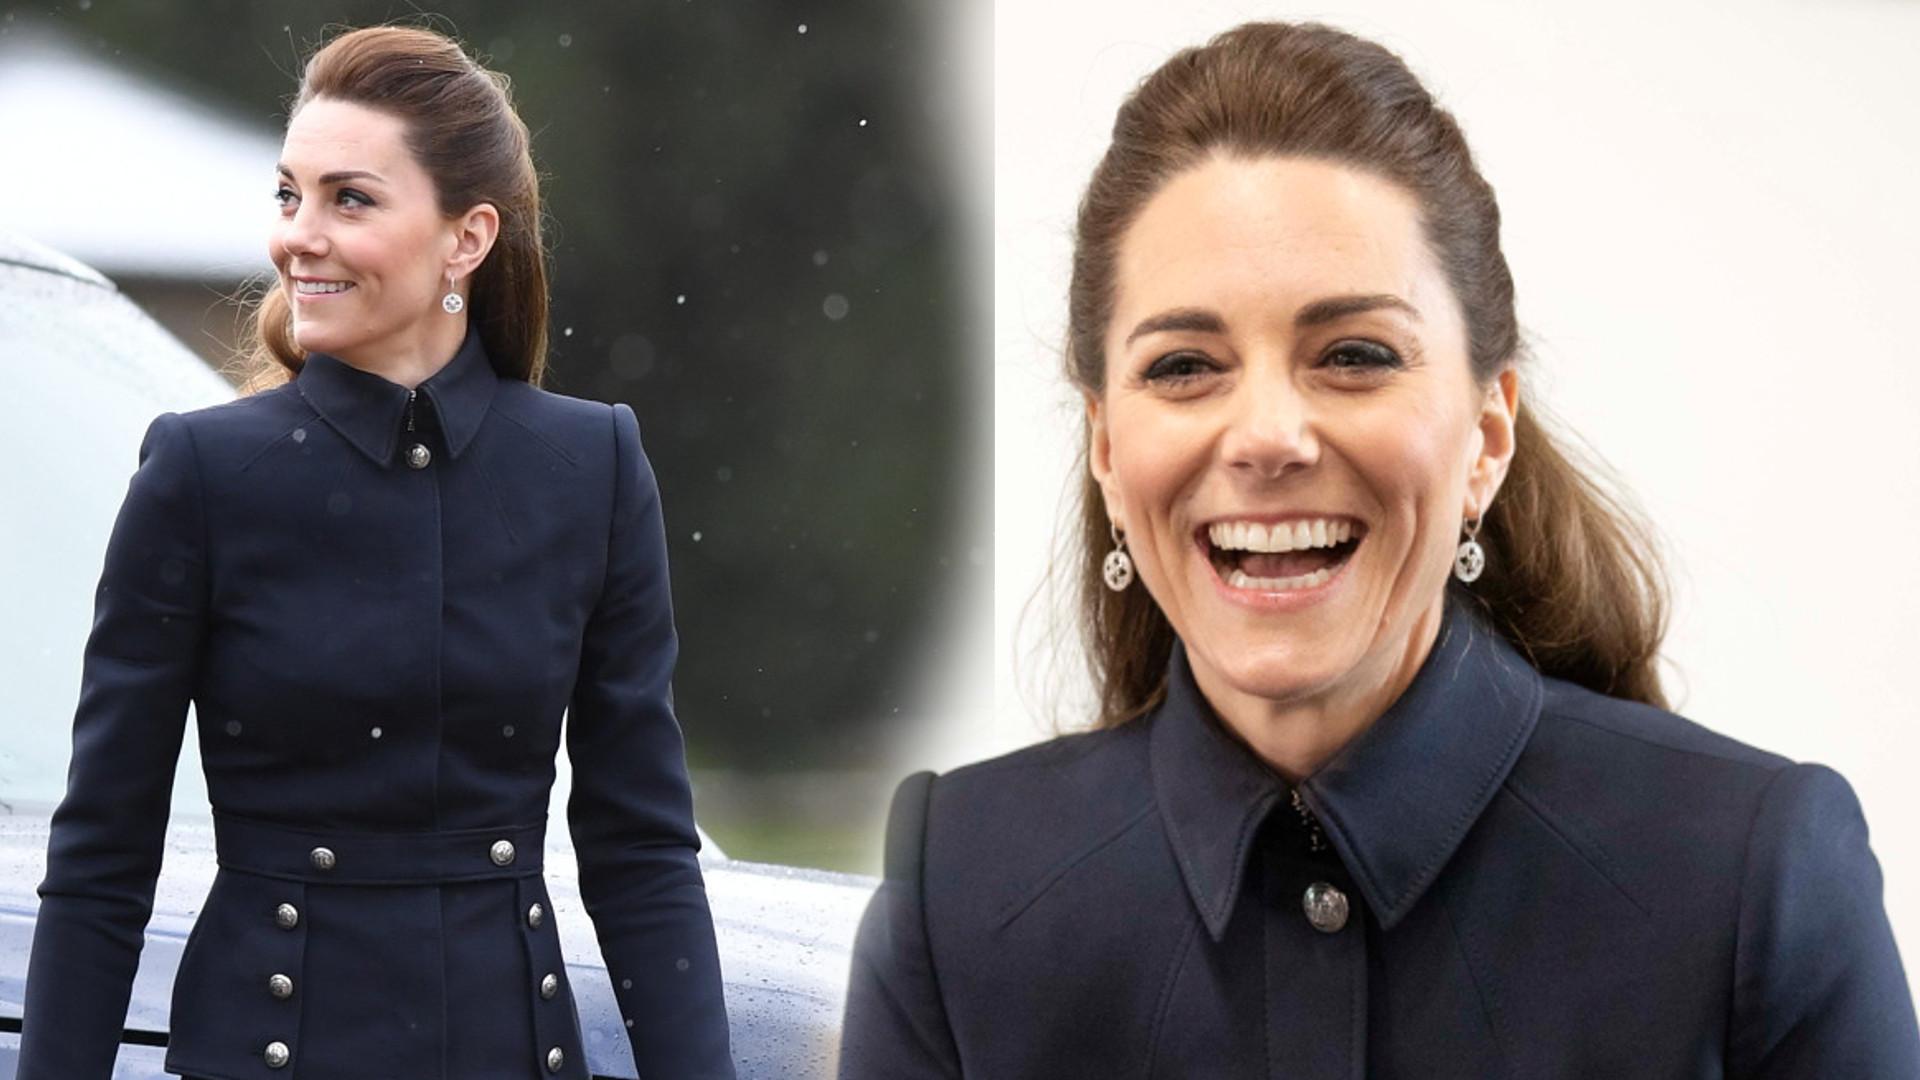 WOW! Zachwycająca Kate Middleton w czarnej stylizacji. Wygląda jak prawdziwa księżniczka (FOTO)